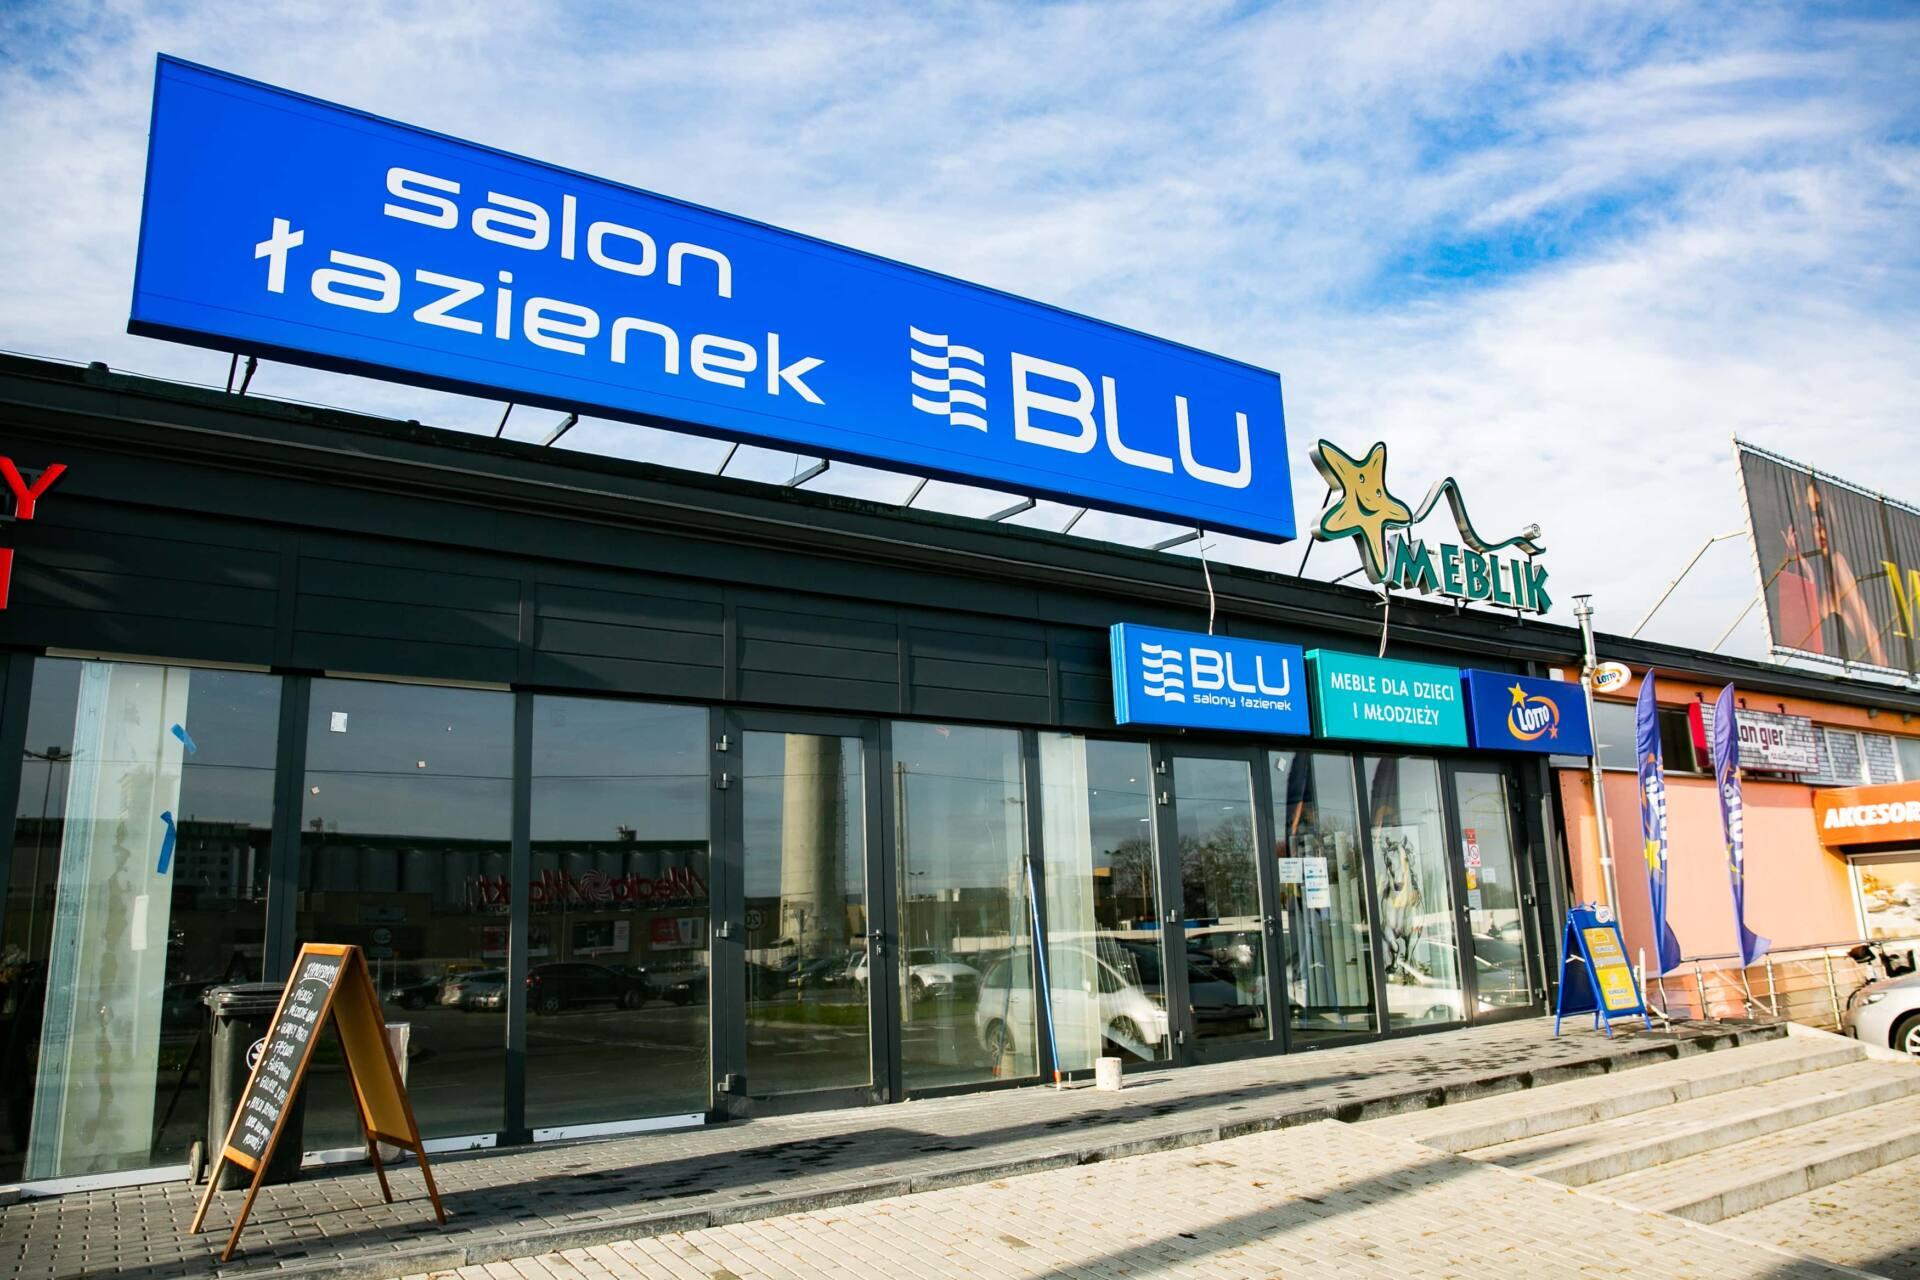 5db 5541 Nowy salon łazienek BLU w Zamościu już otwarty! Publikujemy 80 zdjęć